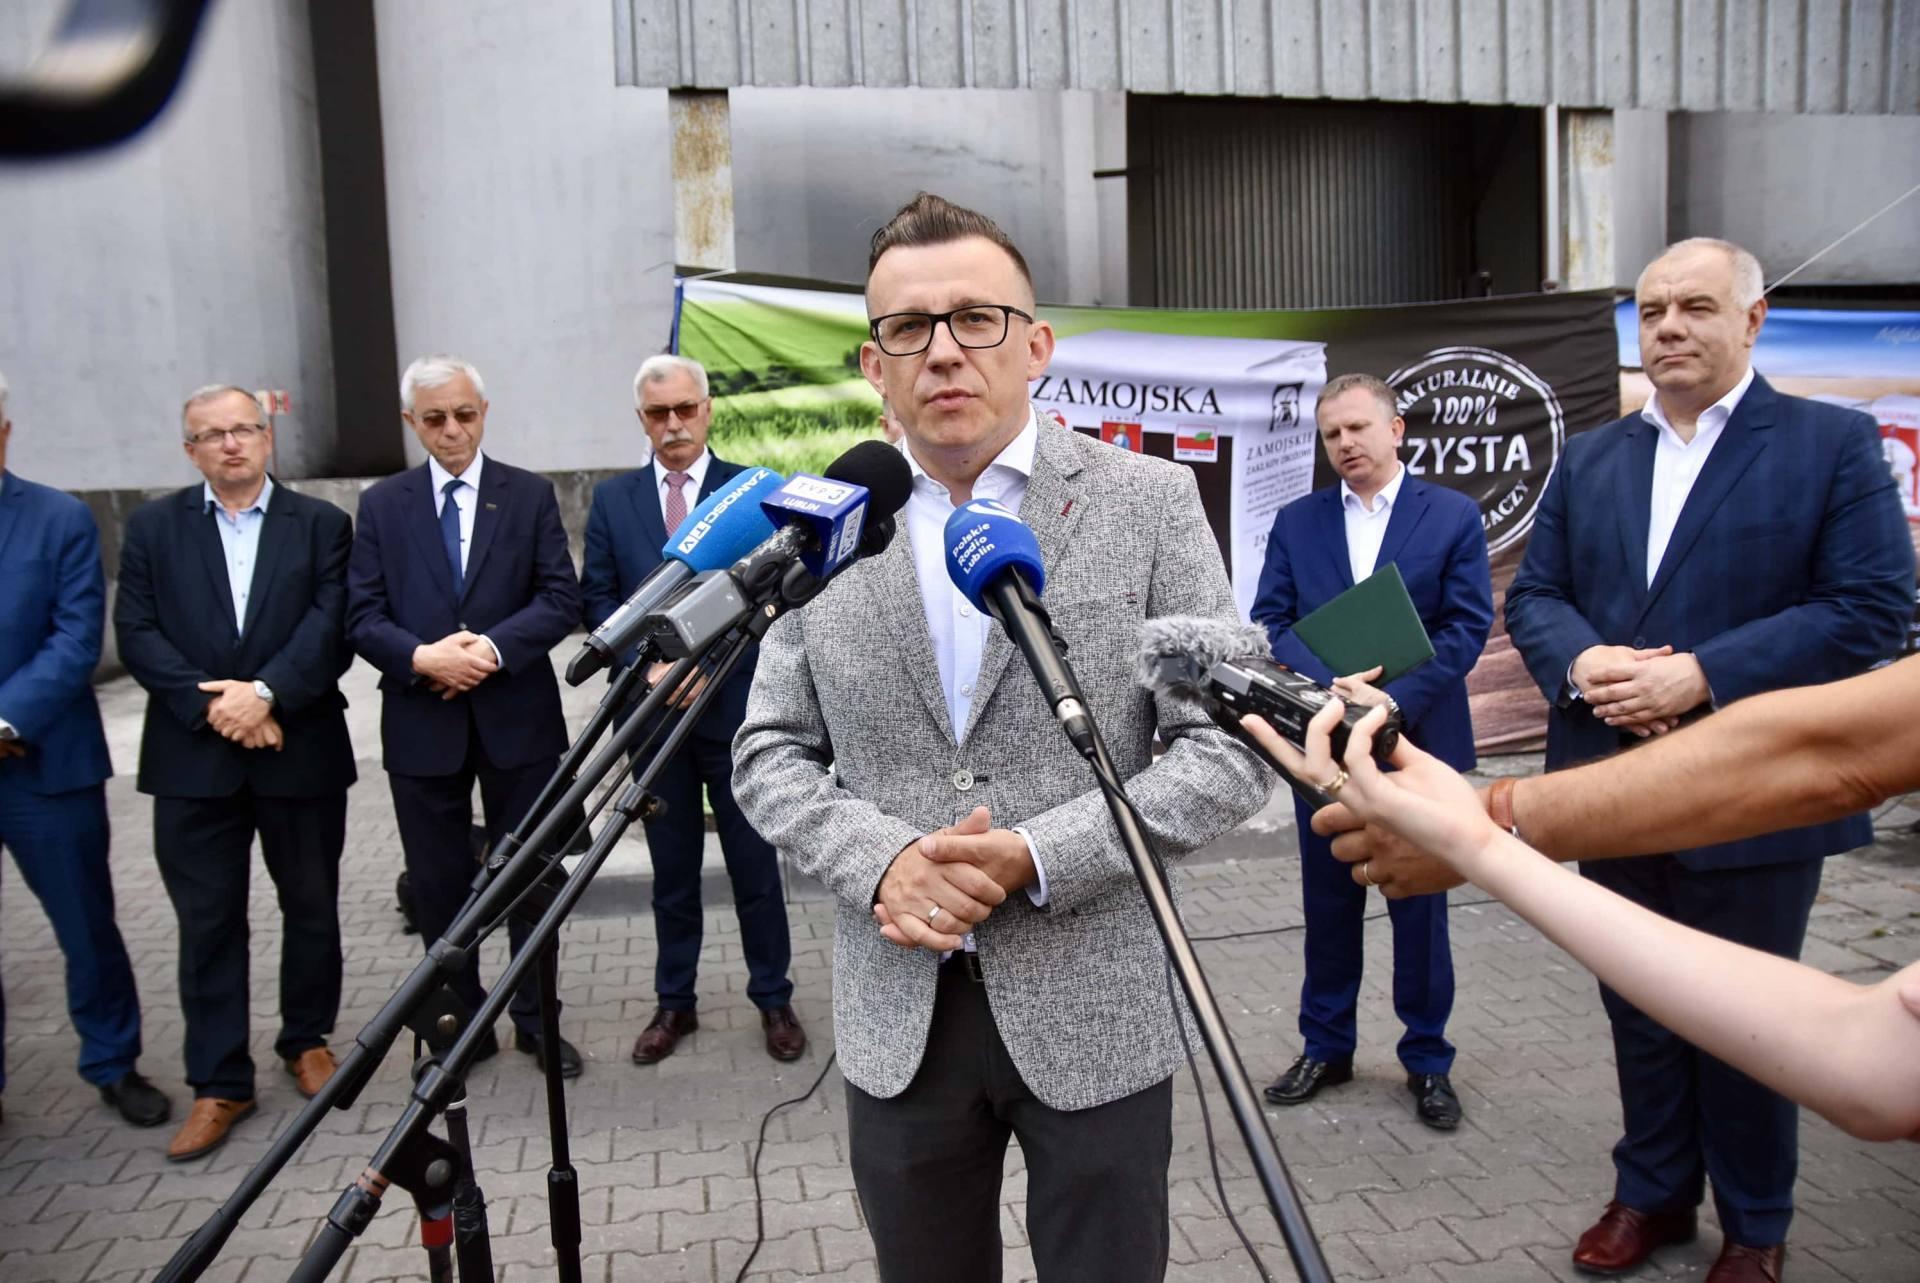 dsc 8101 Wicepremier Jacek Sasin zapowiedział modernizację Zamojskich Zakładów Zbożowych